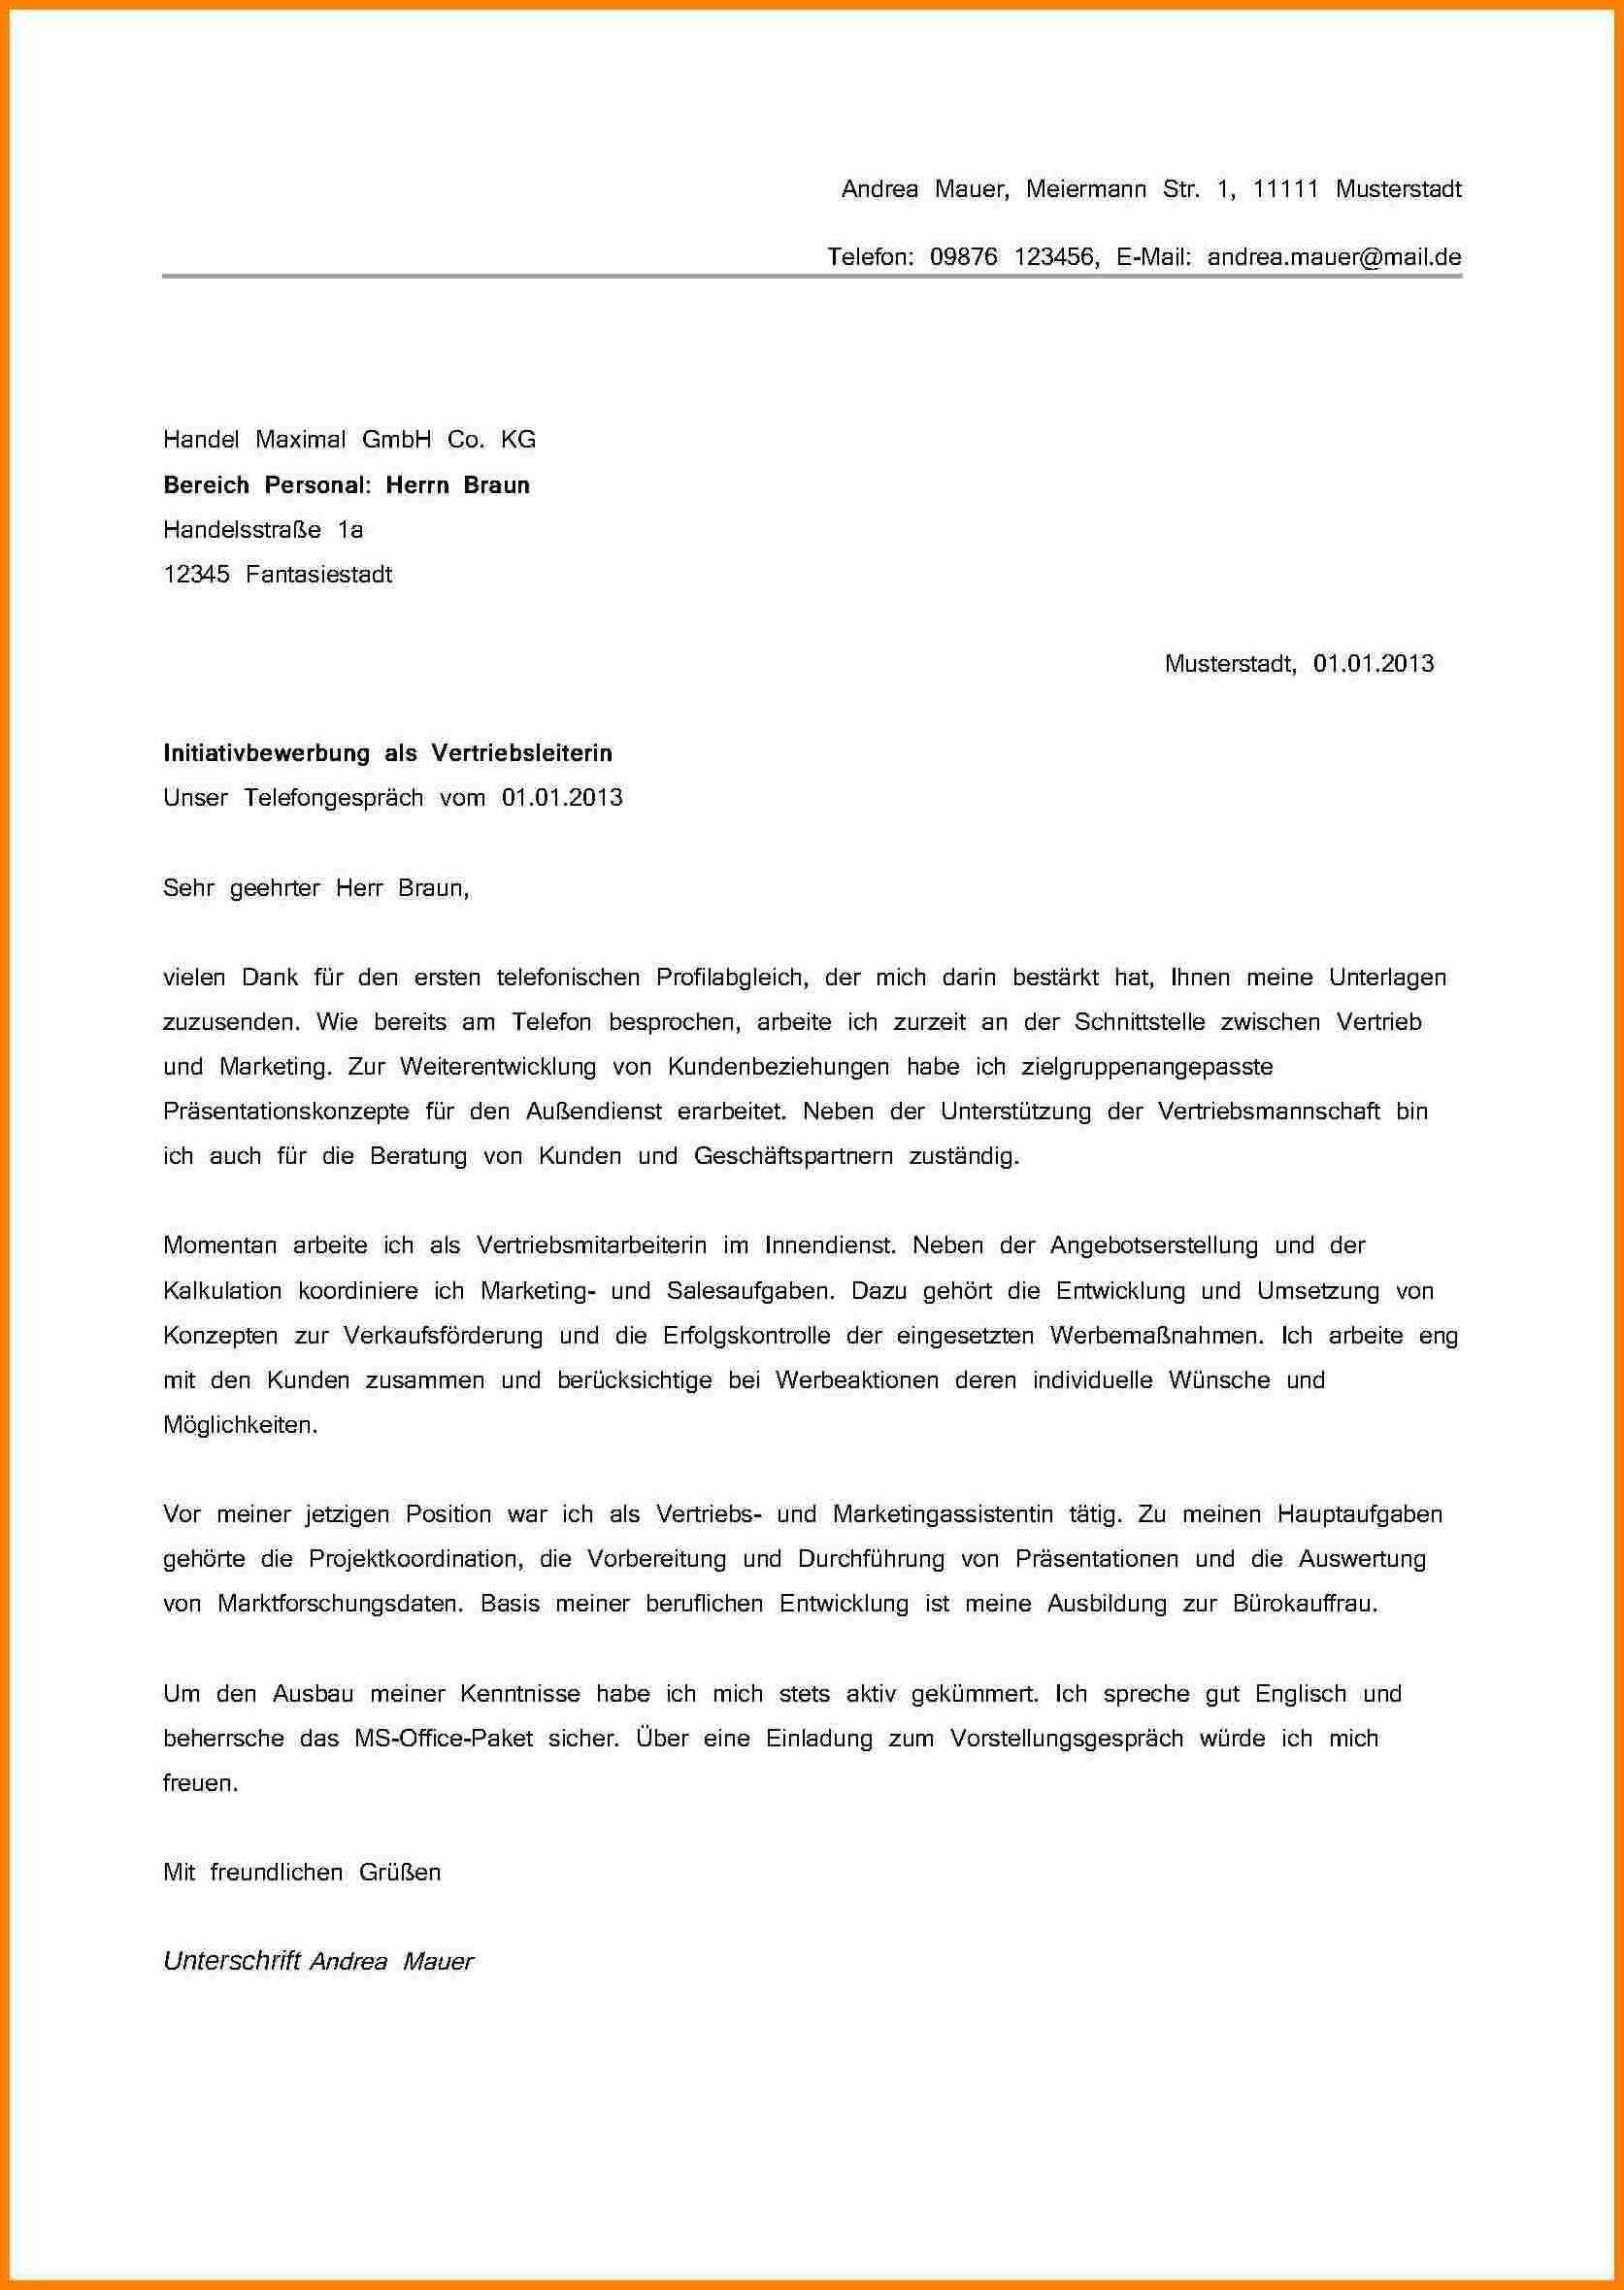 Neu Anschreiben Als Reinigungskraft Briefprobe Briefformat